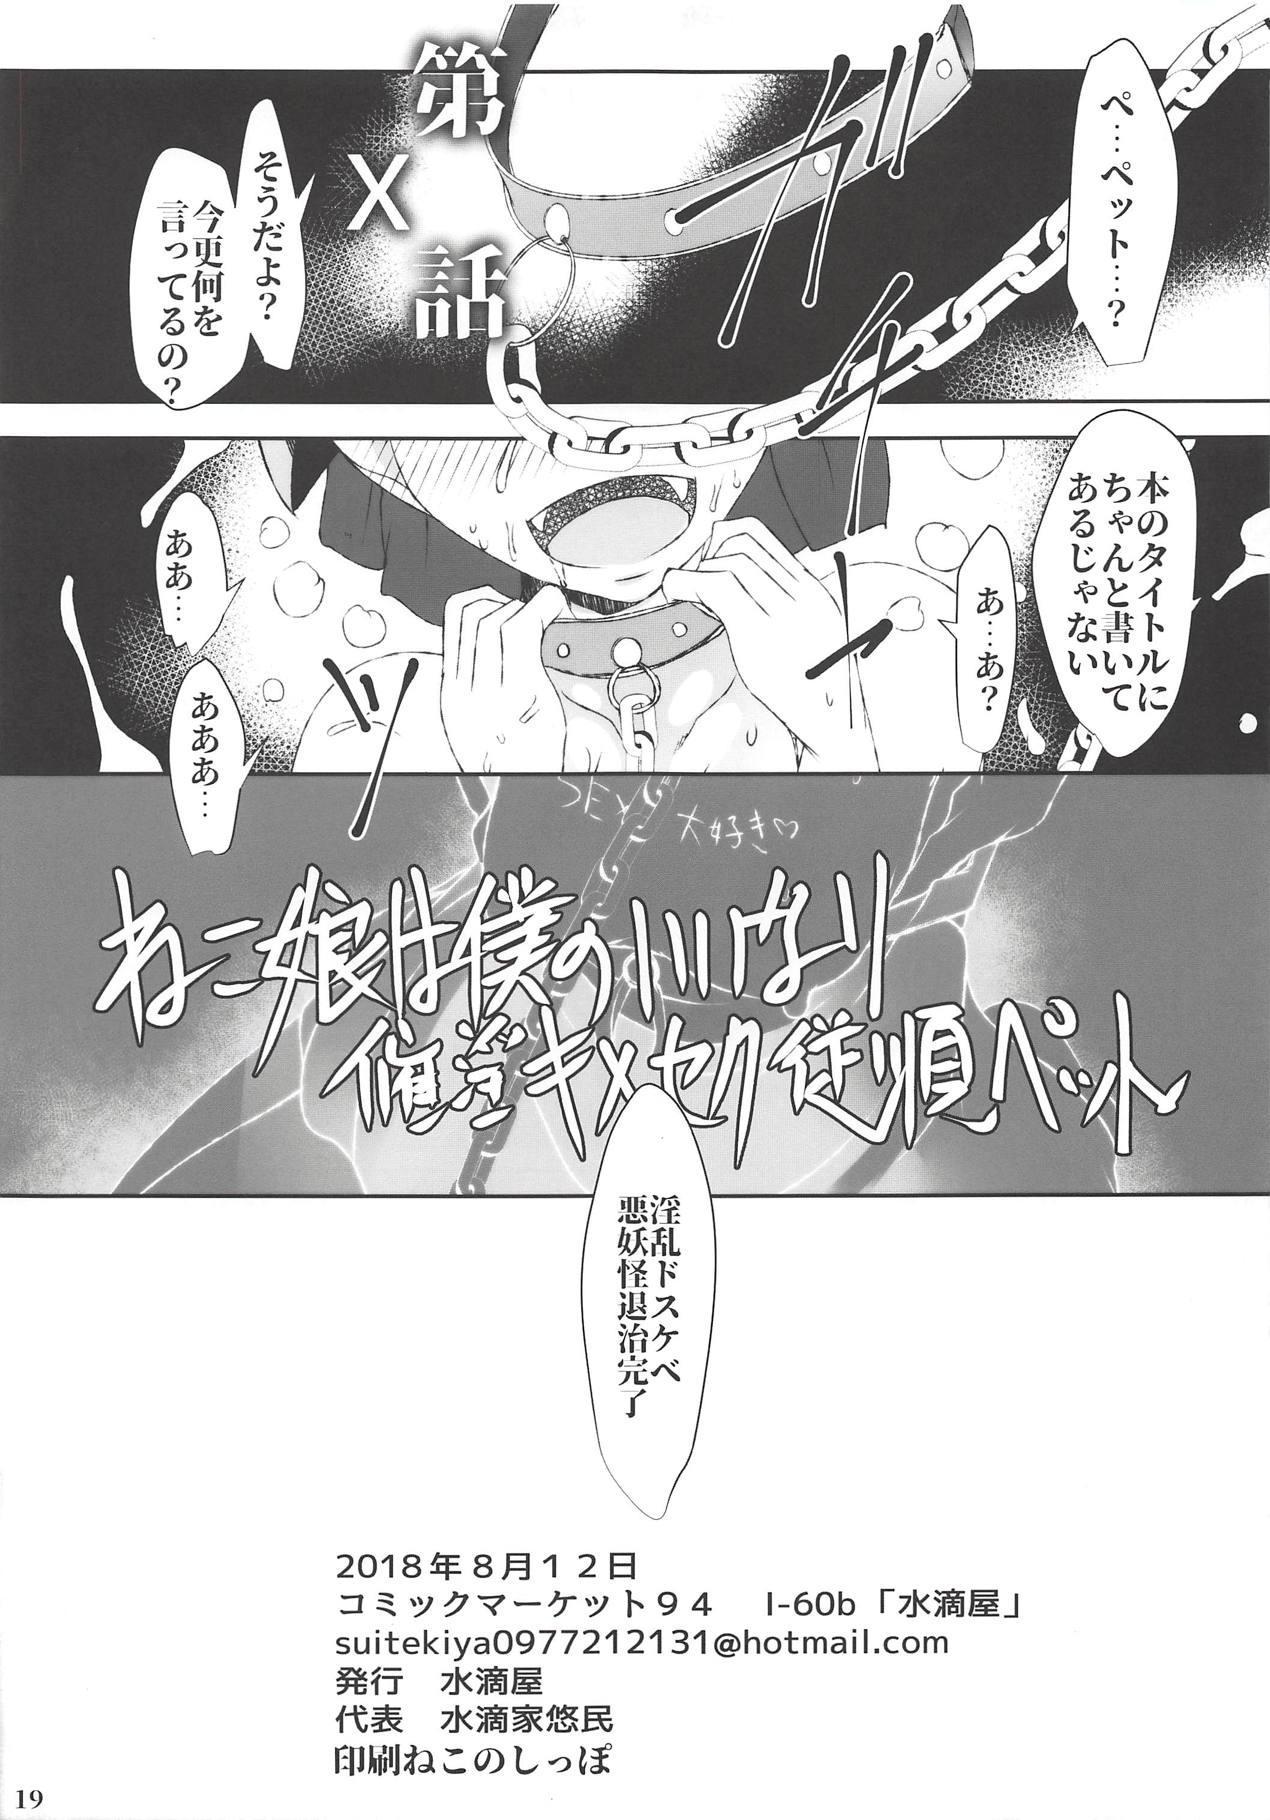 Neko Musume wa Boku no Iinari Saiin Kimeseku Juujun Pet 18